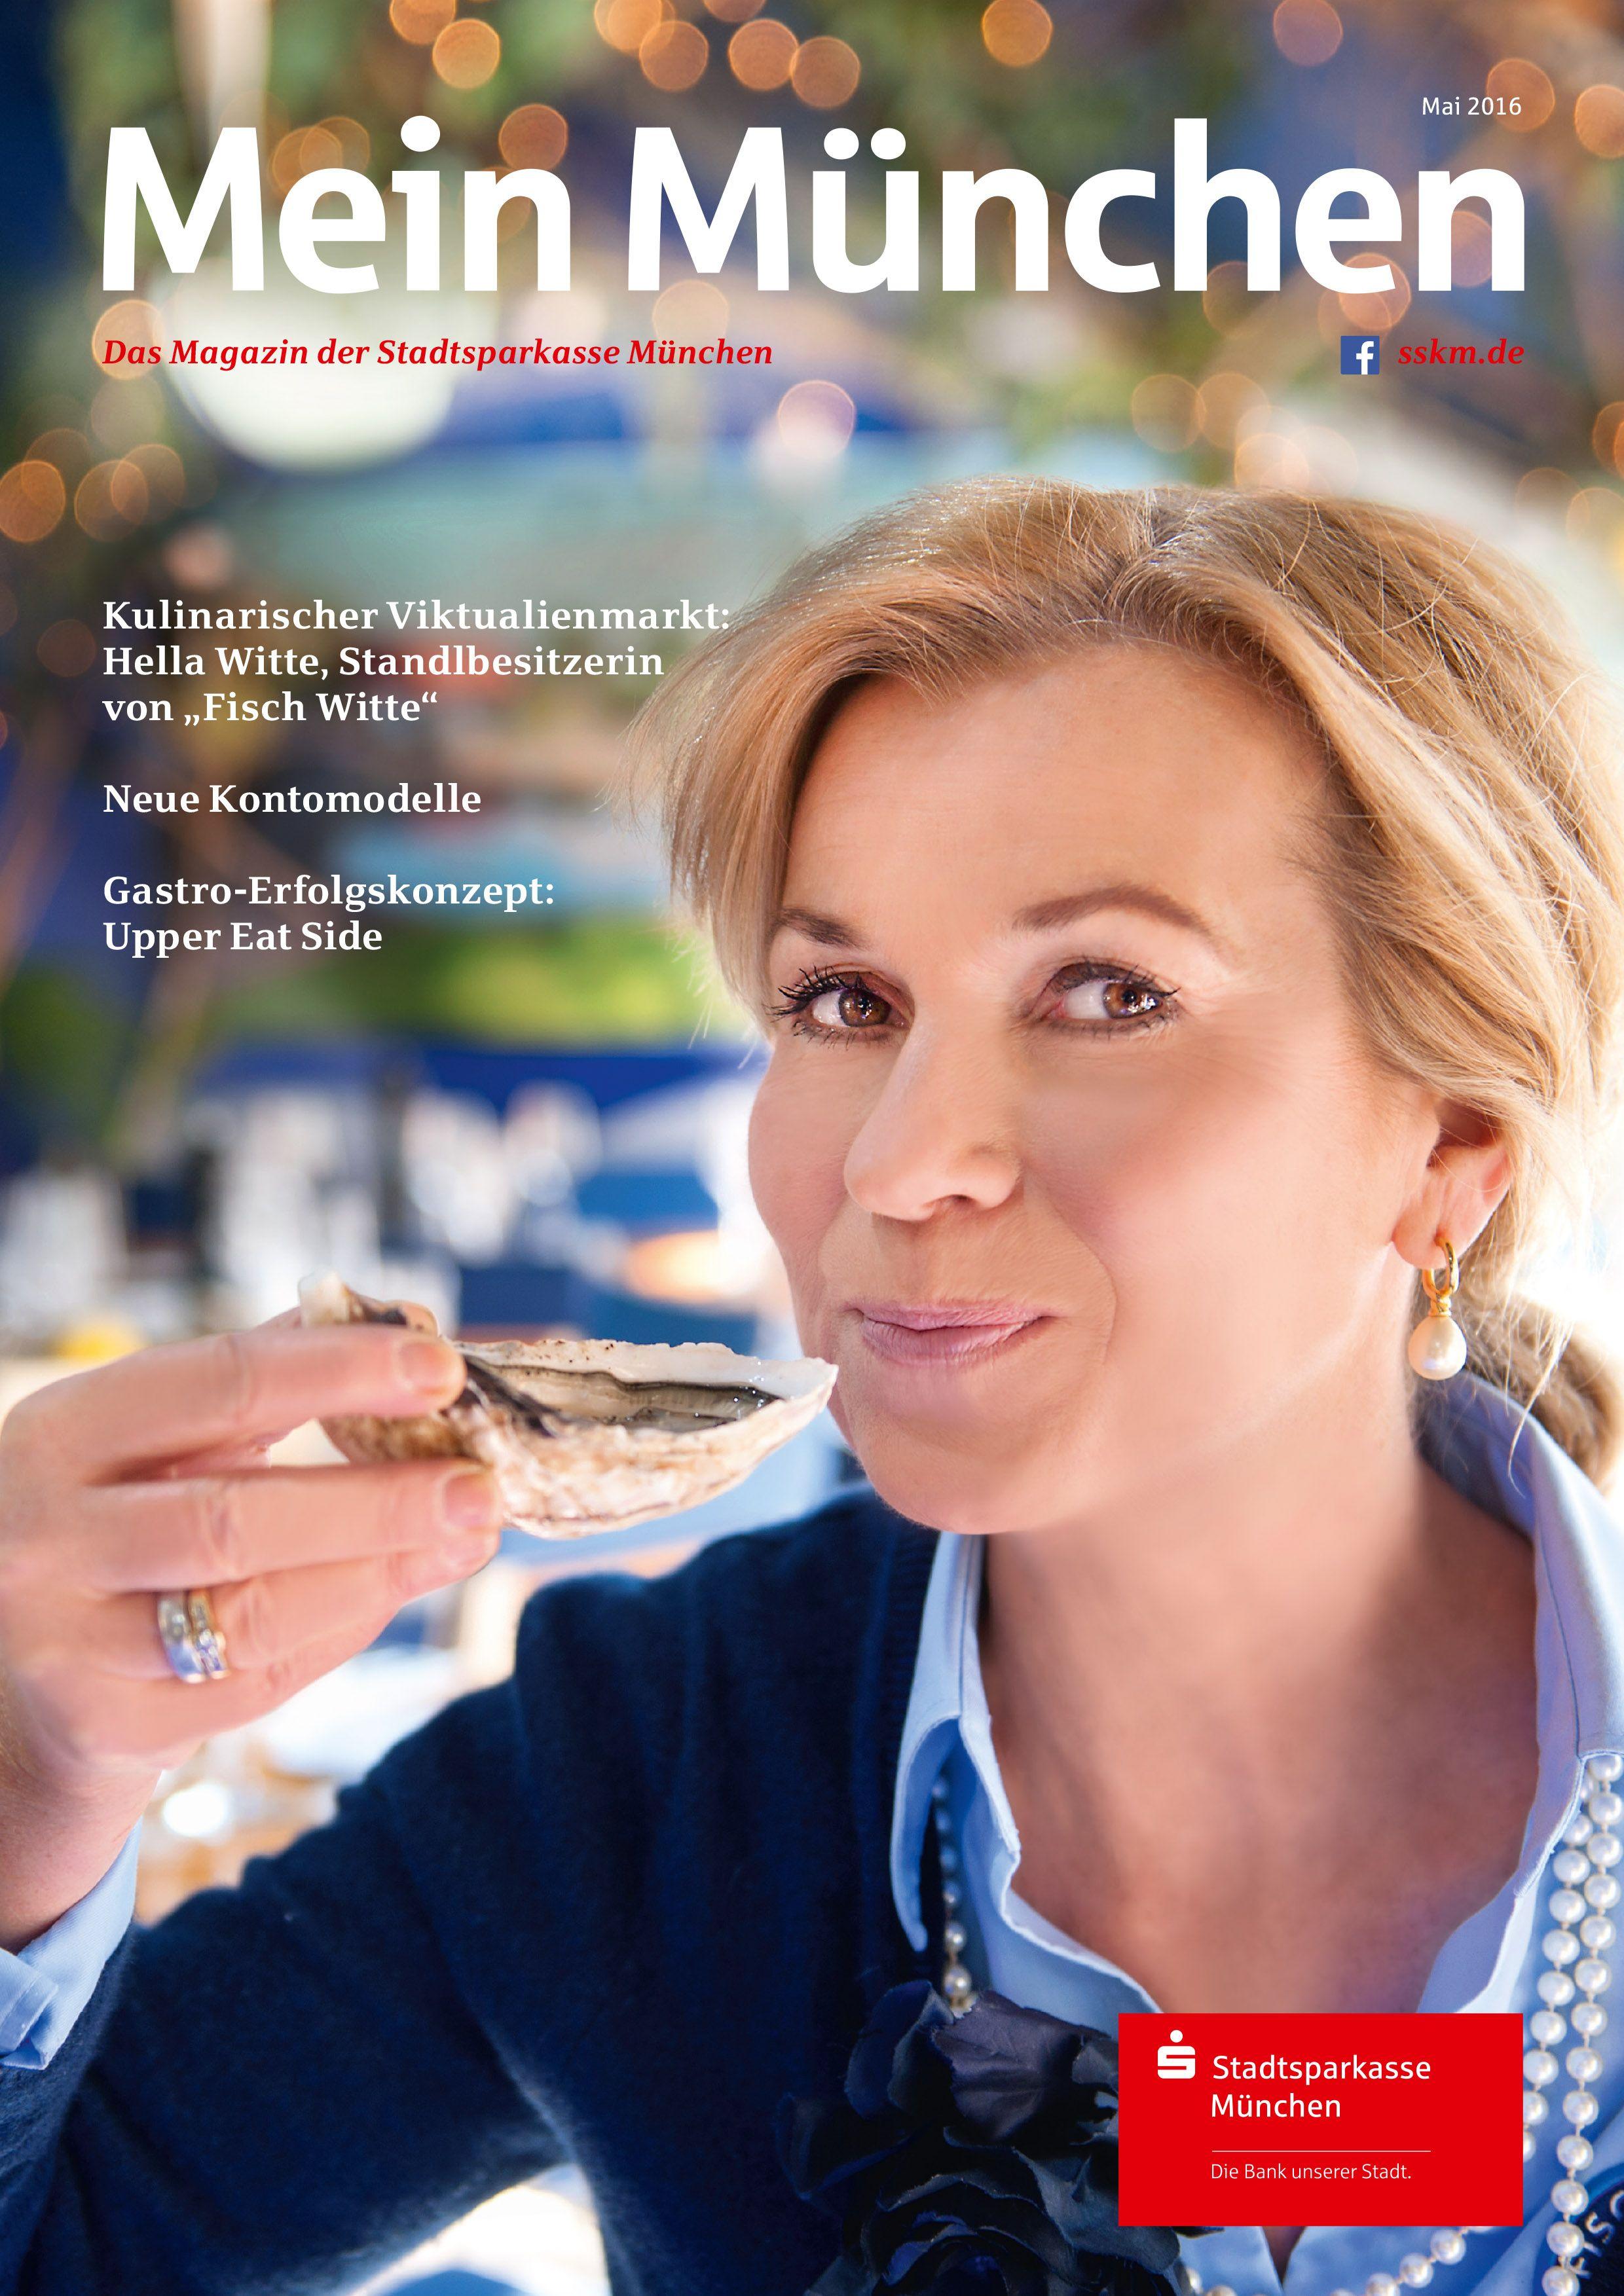 """Mein Muenchen Ausgabe 2 16 Titel - """"Mein München"""" – beliebt und erfolgreich"""